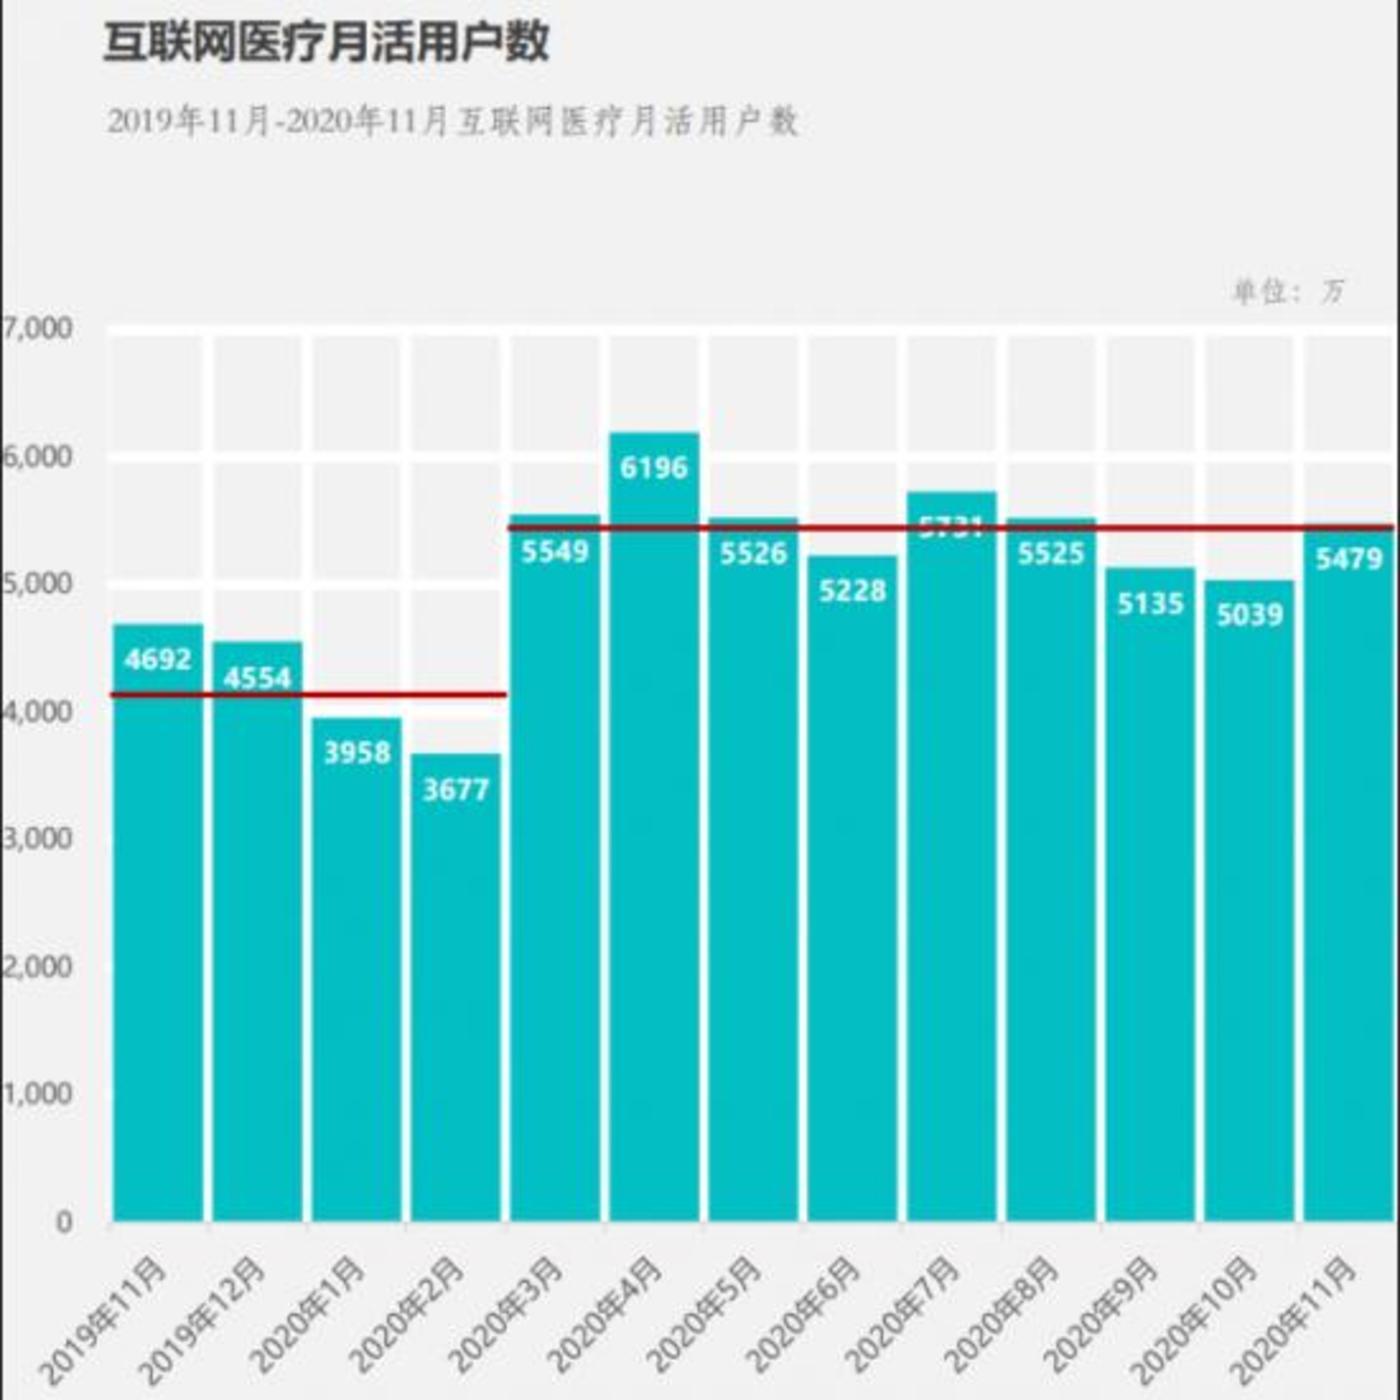 图:2020年2月疫情后互联网医疗日活明显上升  数据来源:Fastdata《2020中国互联网医疗行业报告》